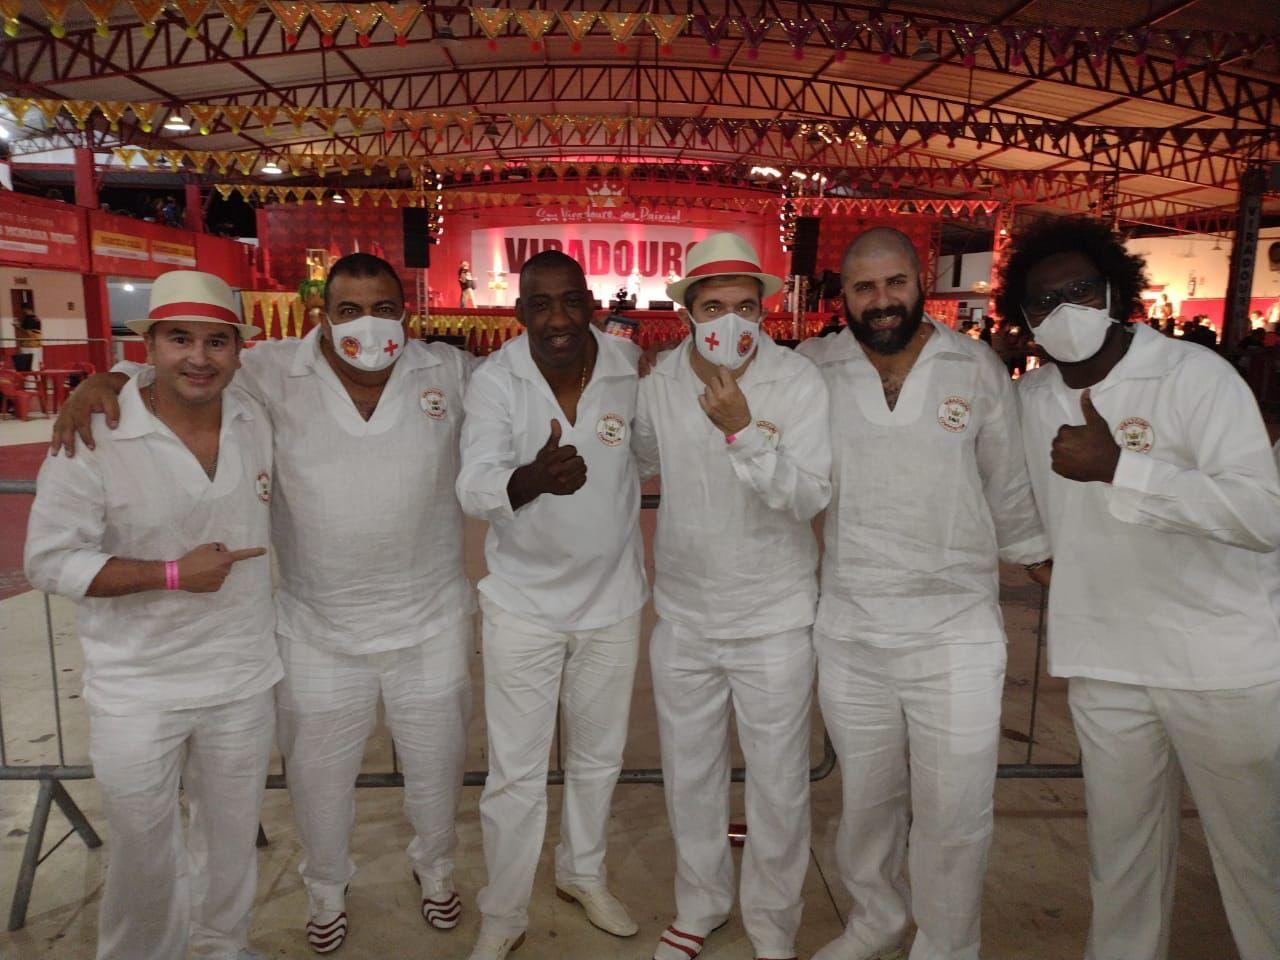 Da direita pra esquerda: Guto Intérprete (cantor friburguense, defendeu o samba junto a outros cantores); Devid Gonçalves (compositor friburguense); Felipe Filósofo; Ito Melodia (cantor que defendeu o samba); Porkinho e Fábio Borges